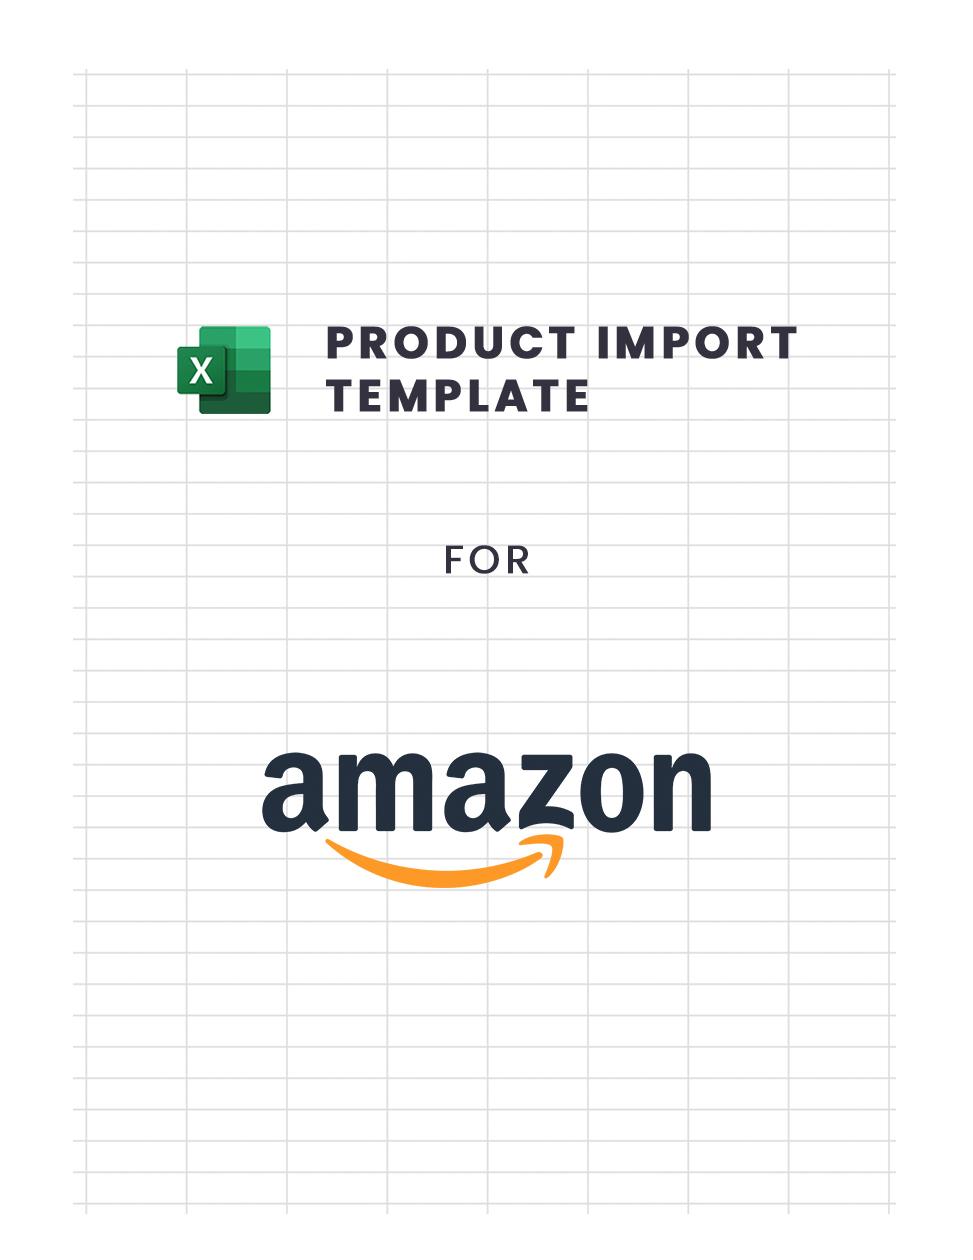 amazon-import